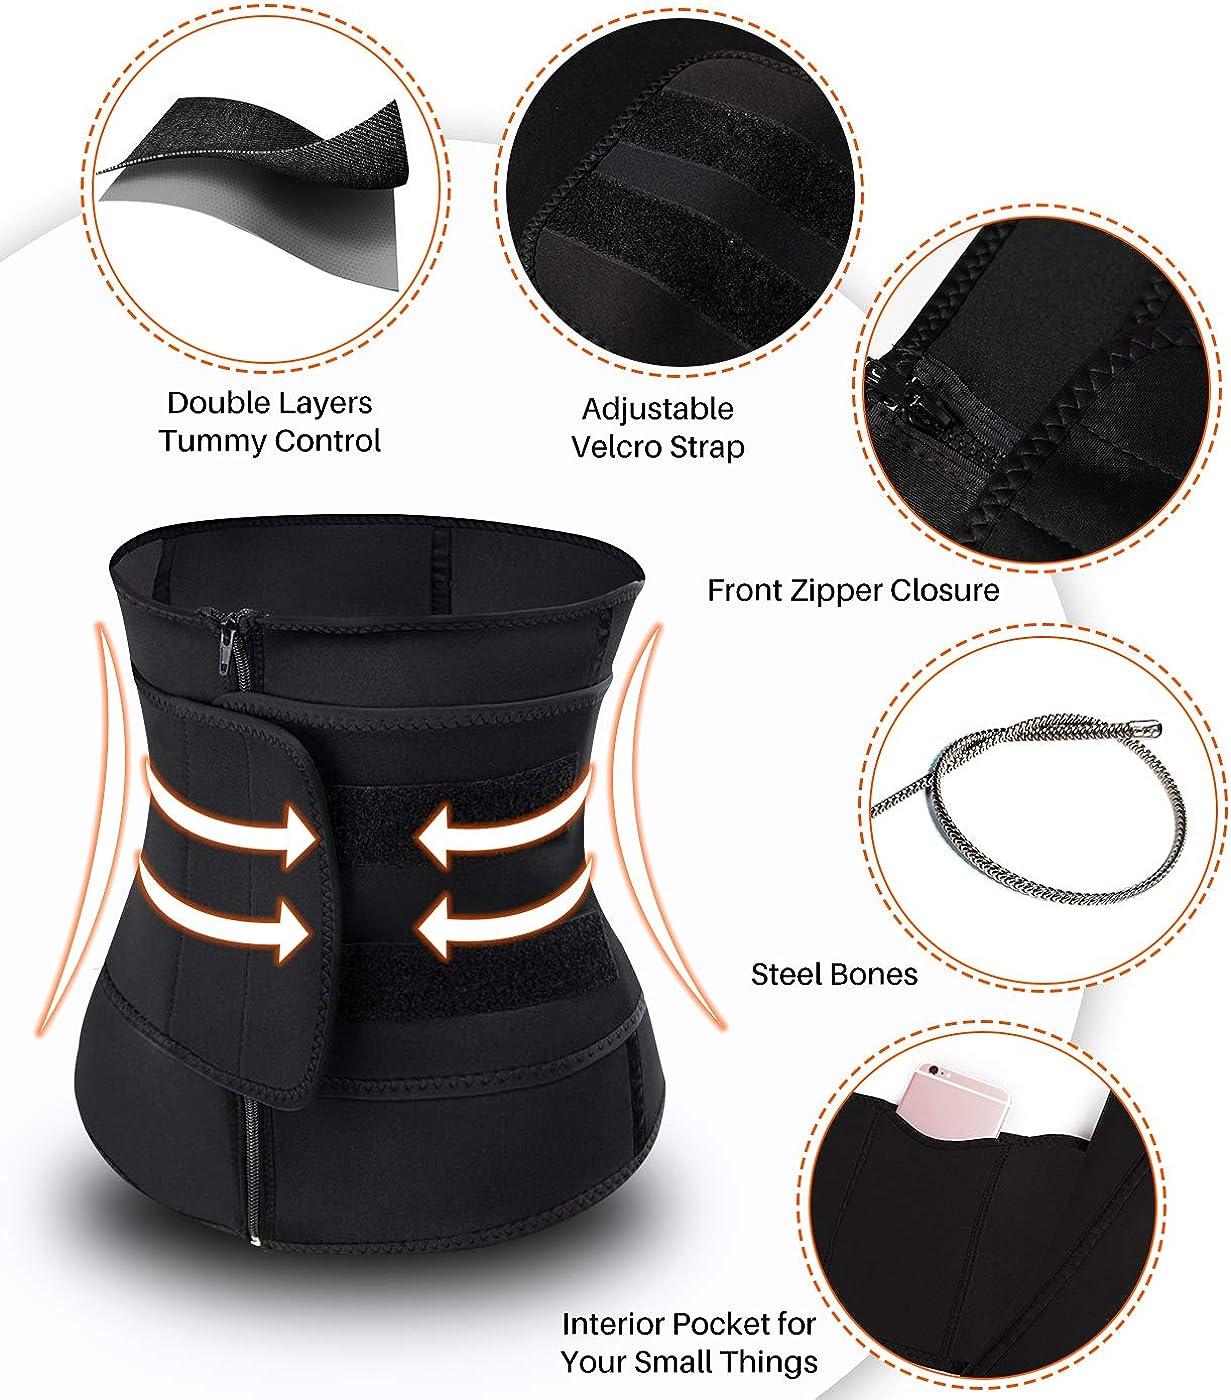 COMFREE Serre Taille Minceur Bustier Shapewear Gaine Amincissante Ventre Plat pour Unisexe avec Velcro Petite Poche